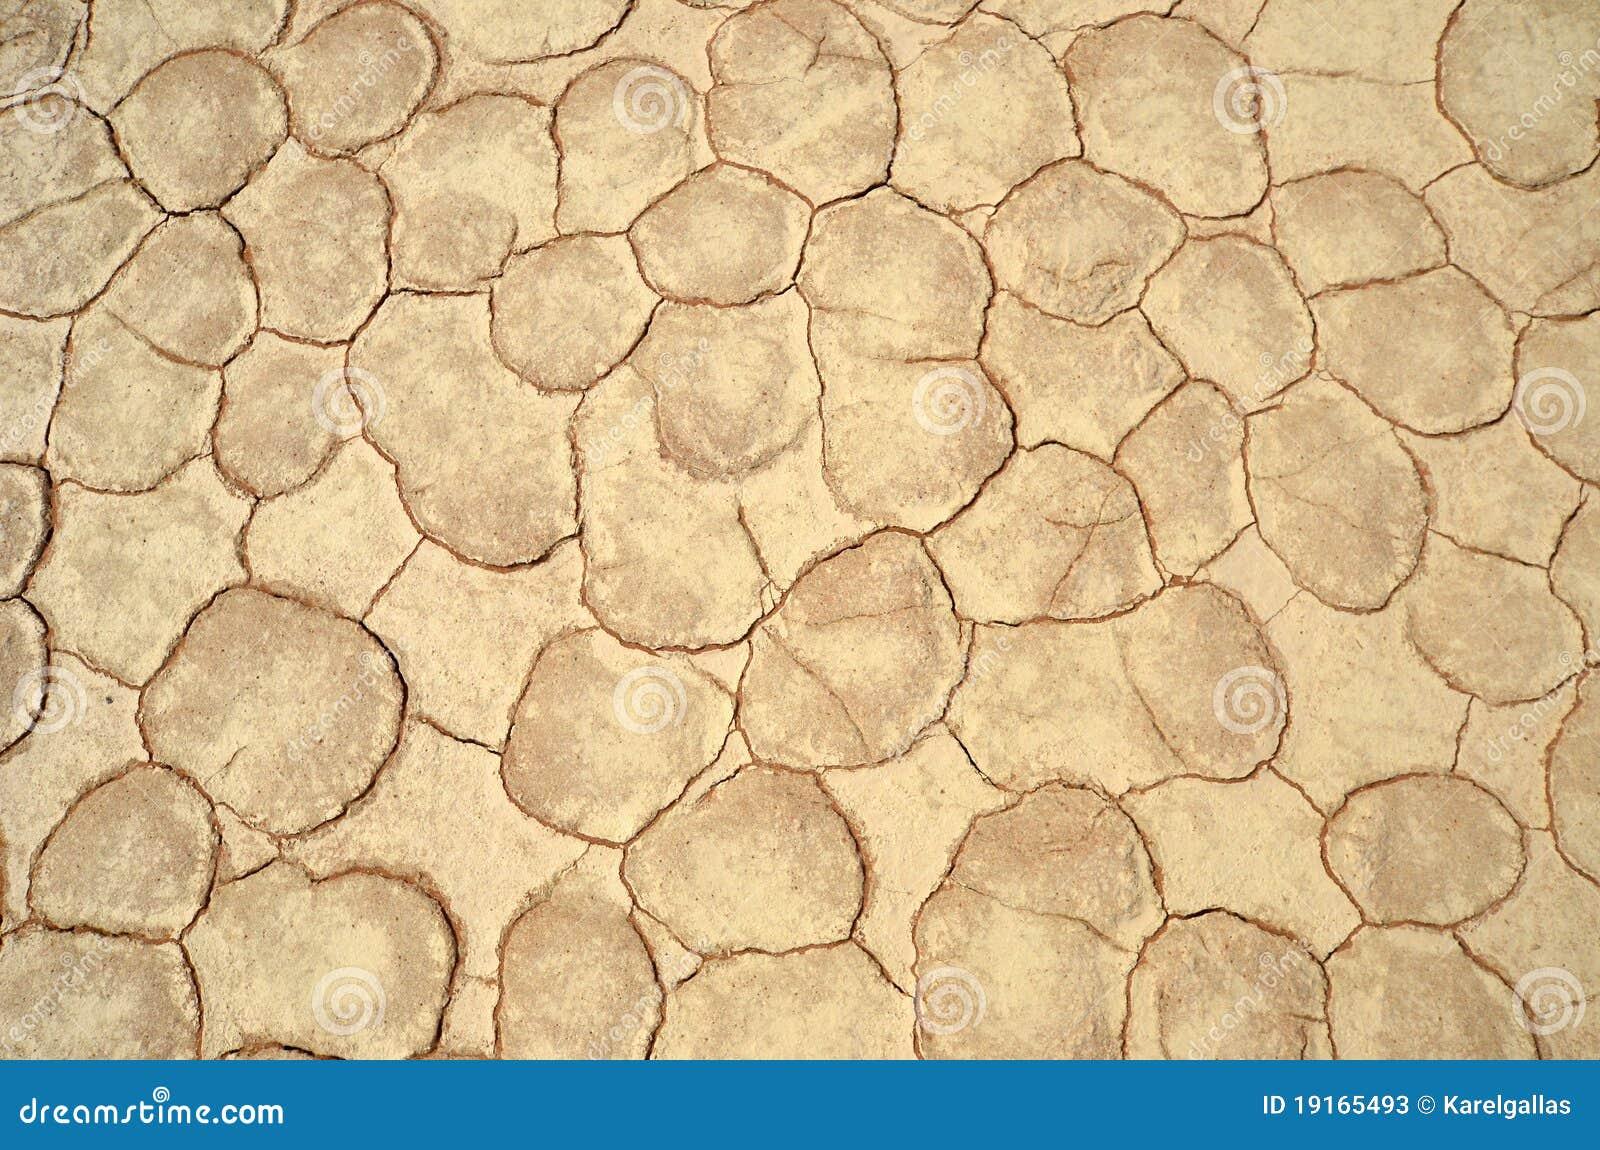 текстура пустыня: